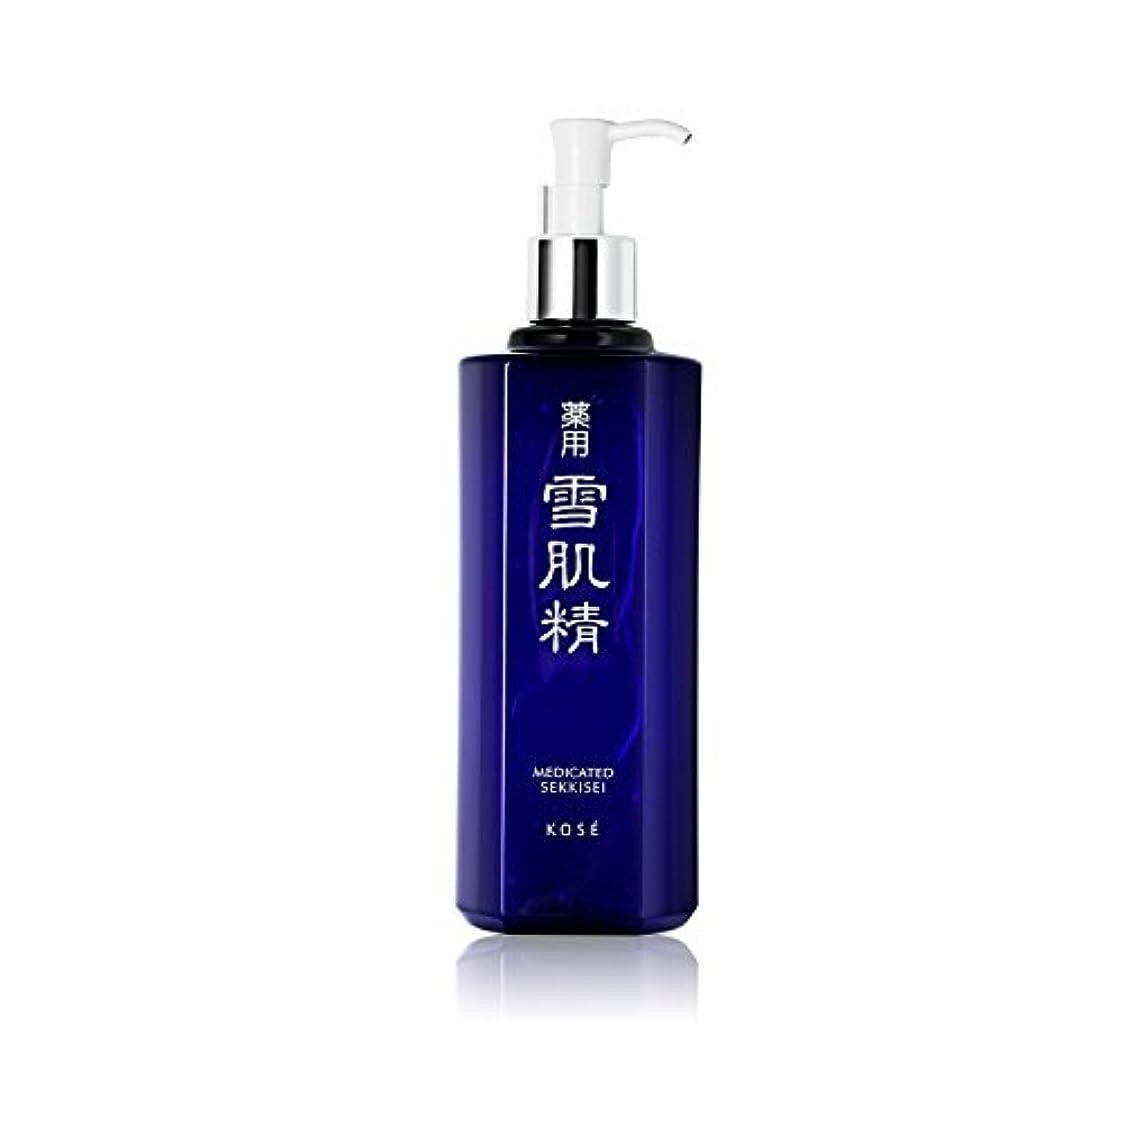 厚いストリーム有害な【コーセー】薬用雪肌精 スーパービッグボトル 500ml